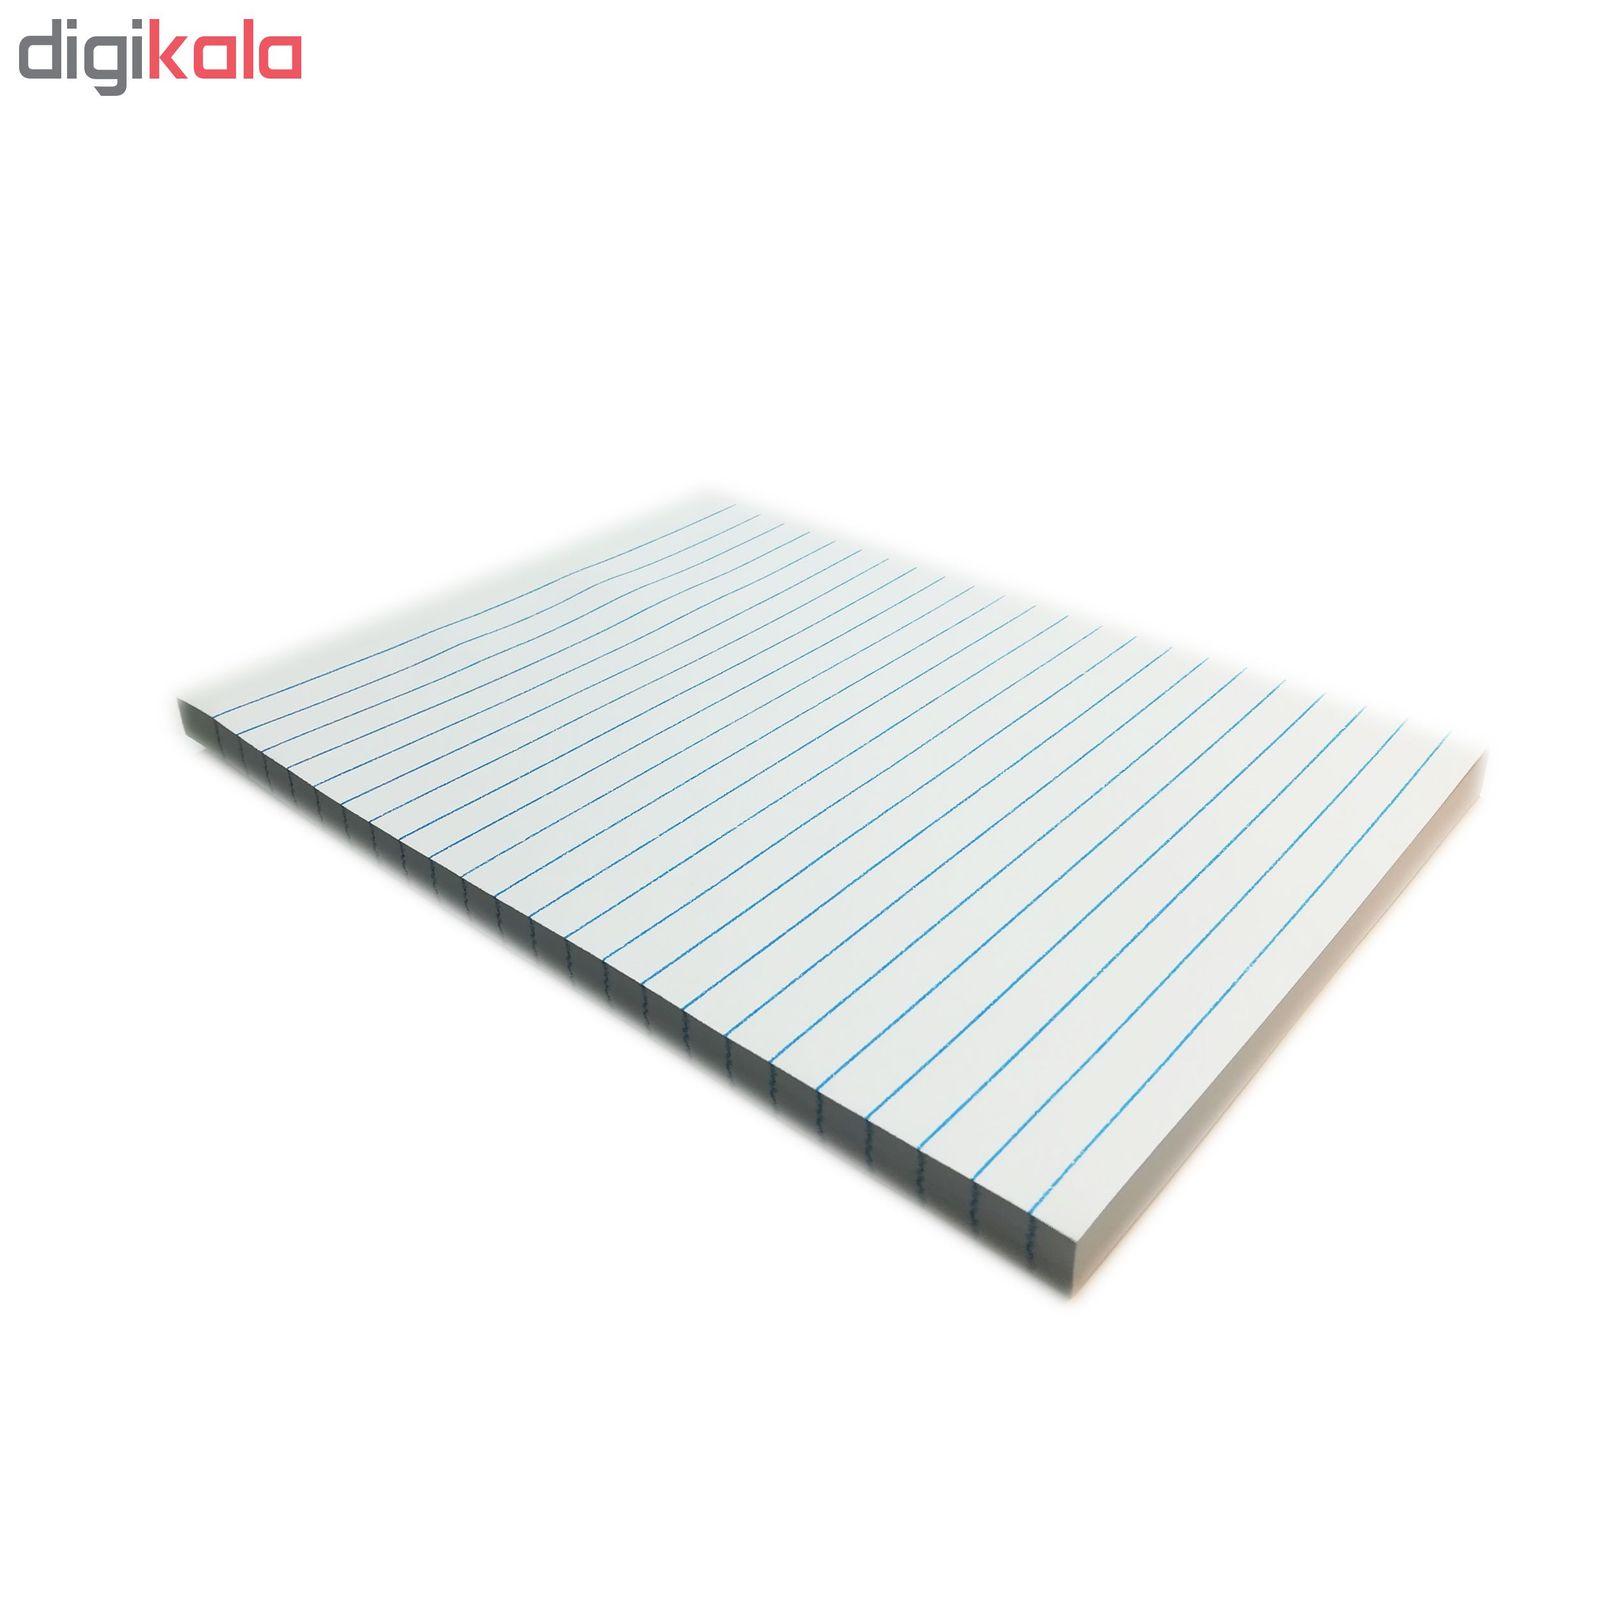 کاغذ یادداشت پشت چسبدار طرح استیک نوک  سایز A5 main 1 2